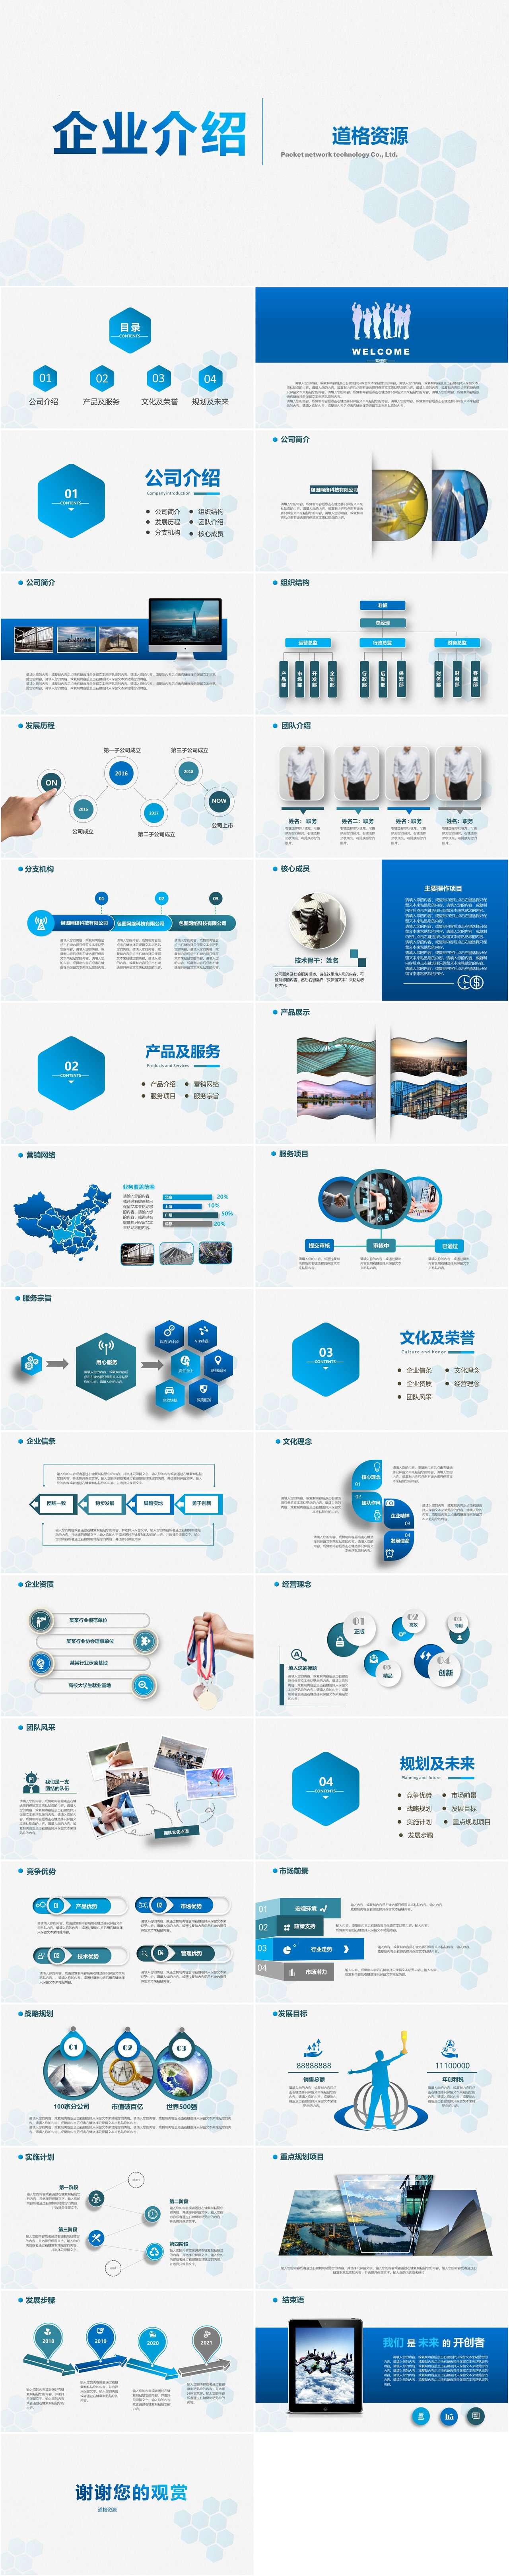 最新企业介绍公司宣传ppt模板插图1